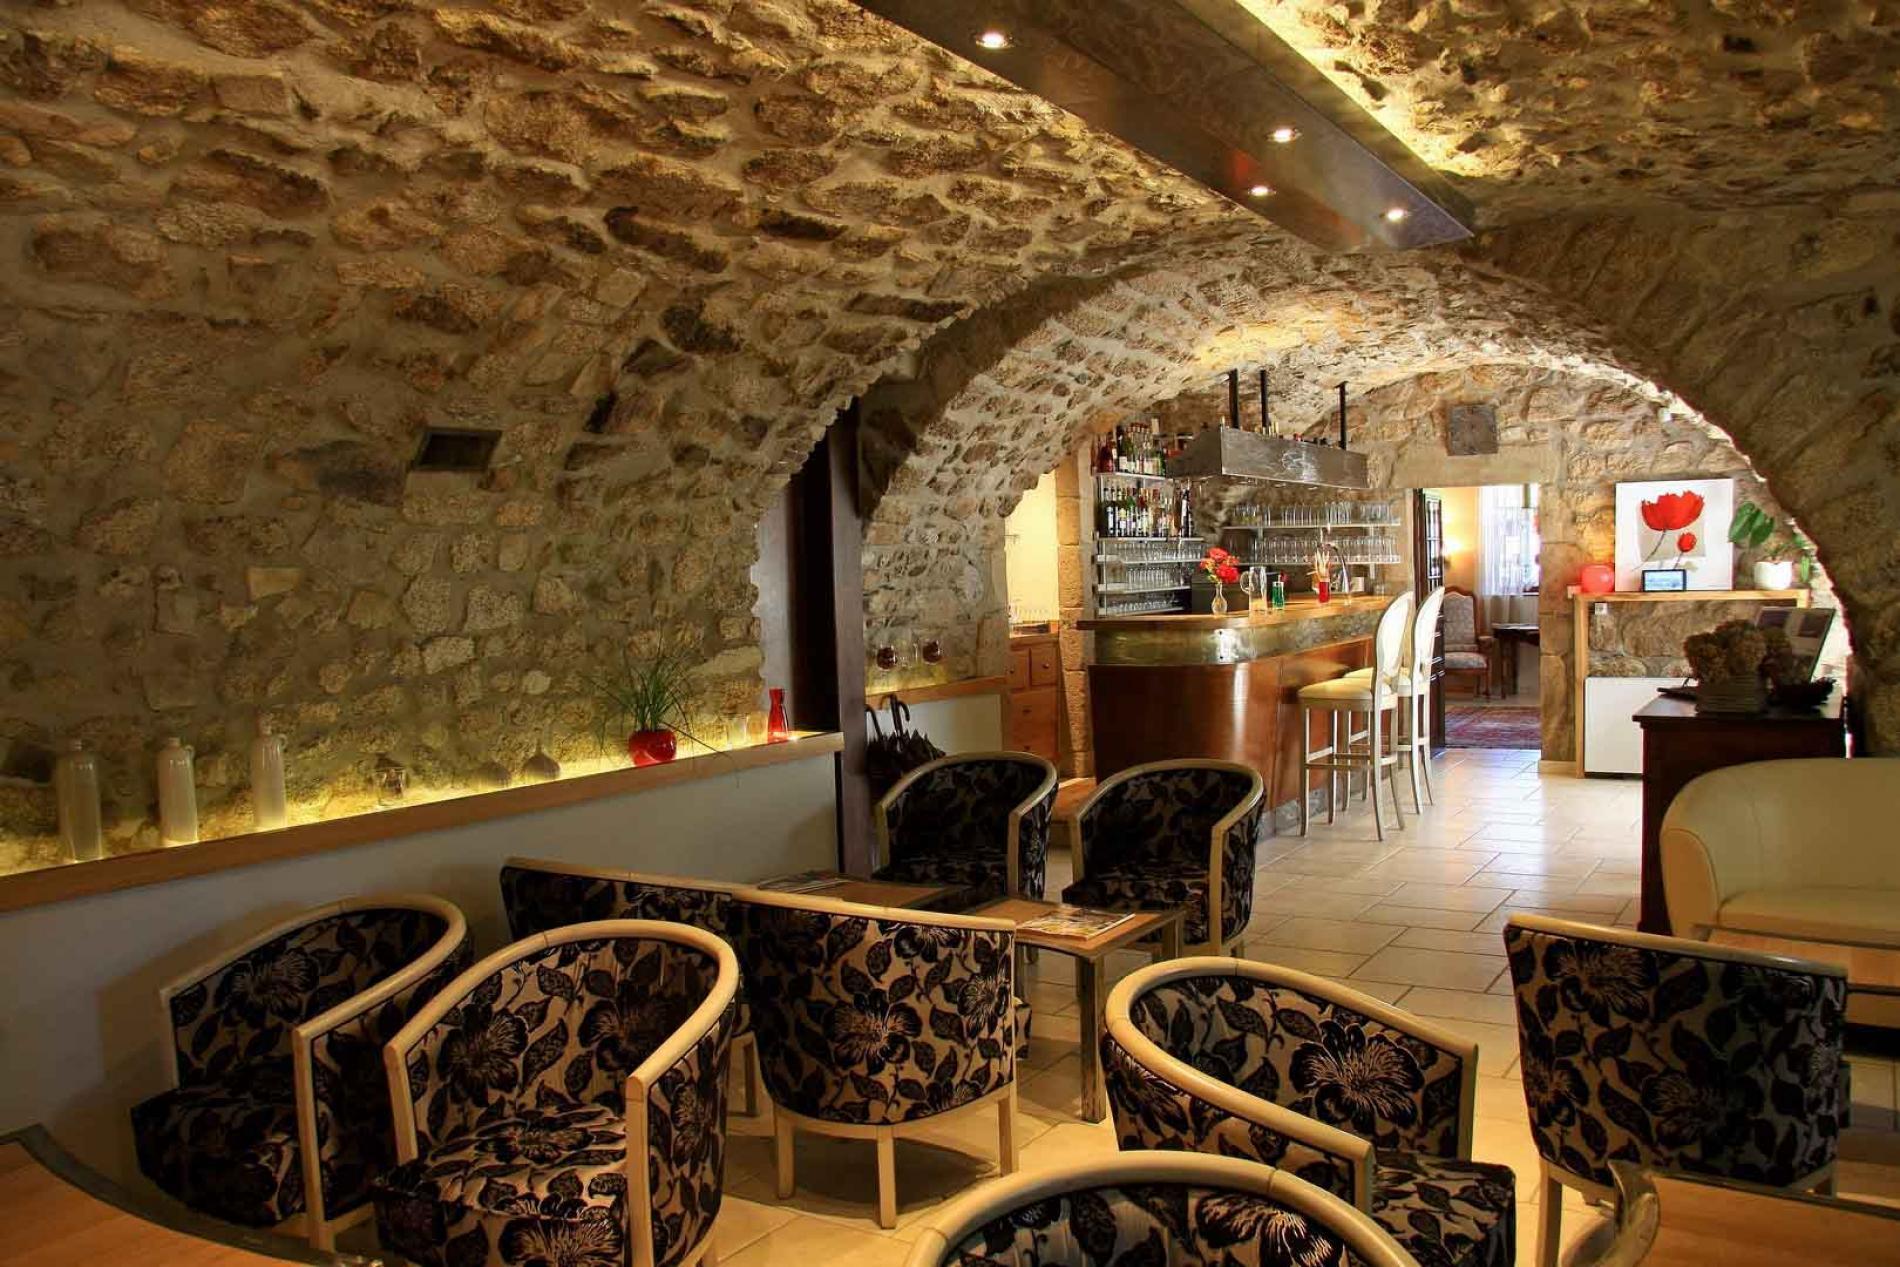 Logis Hôtel au cœur de l'Ardèche méridionale